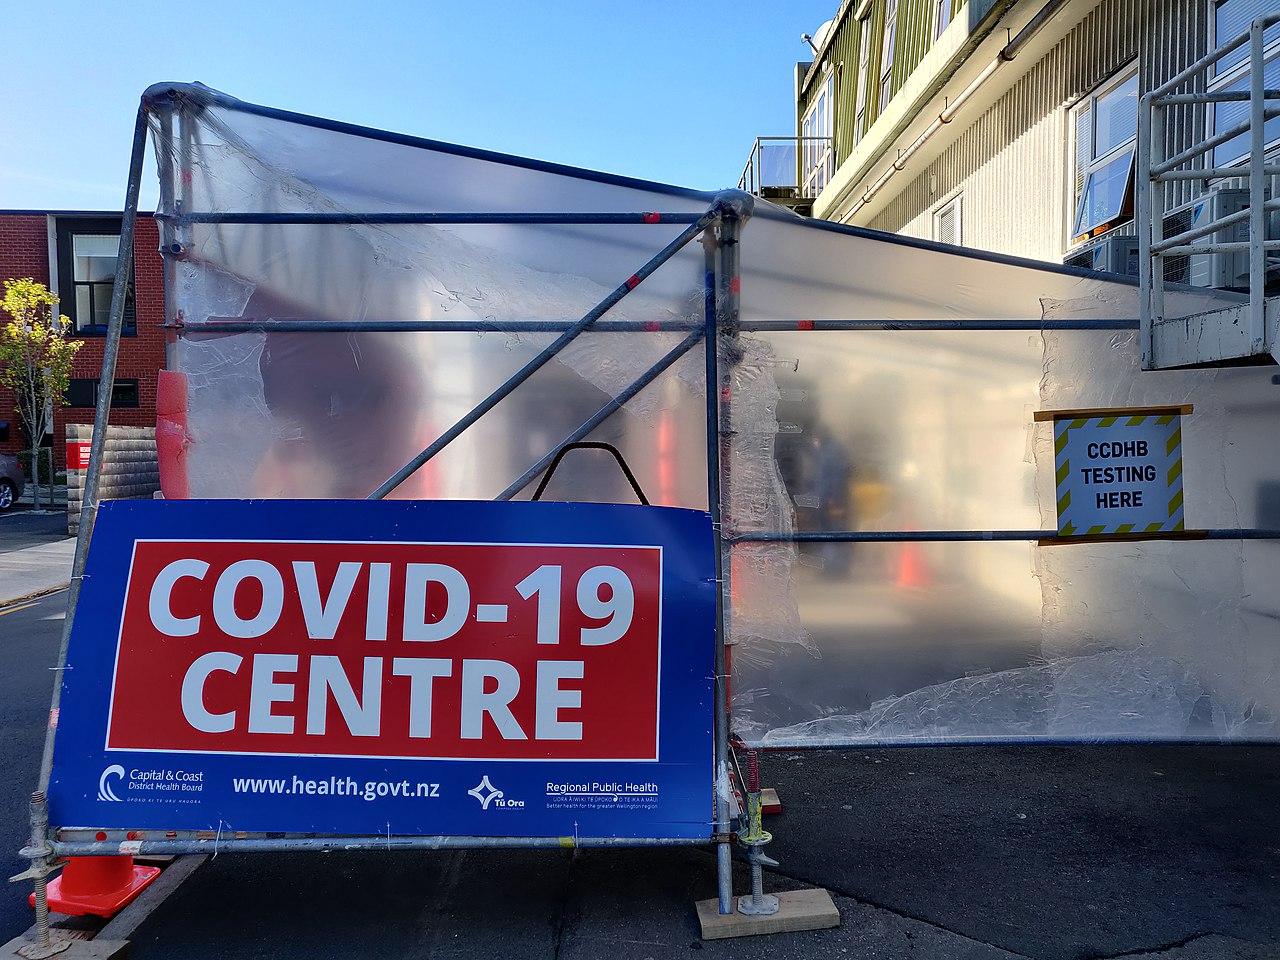 Centro de Covid-19